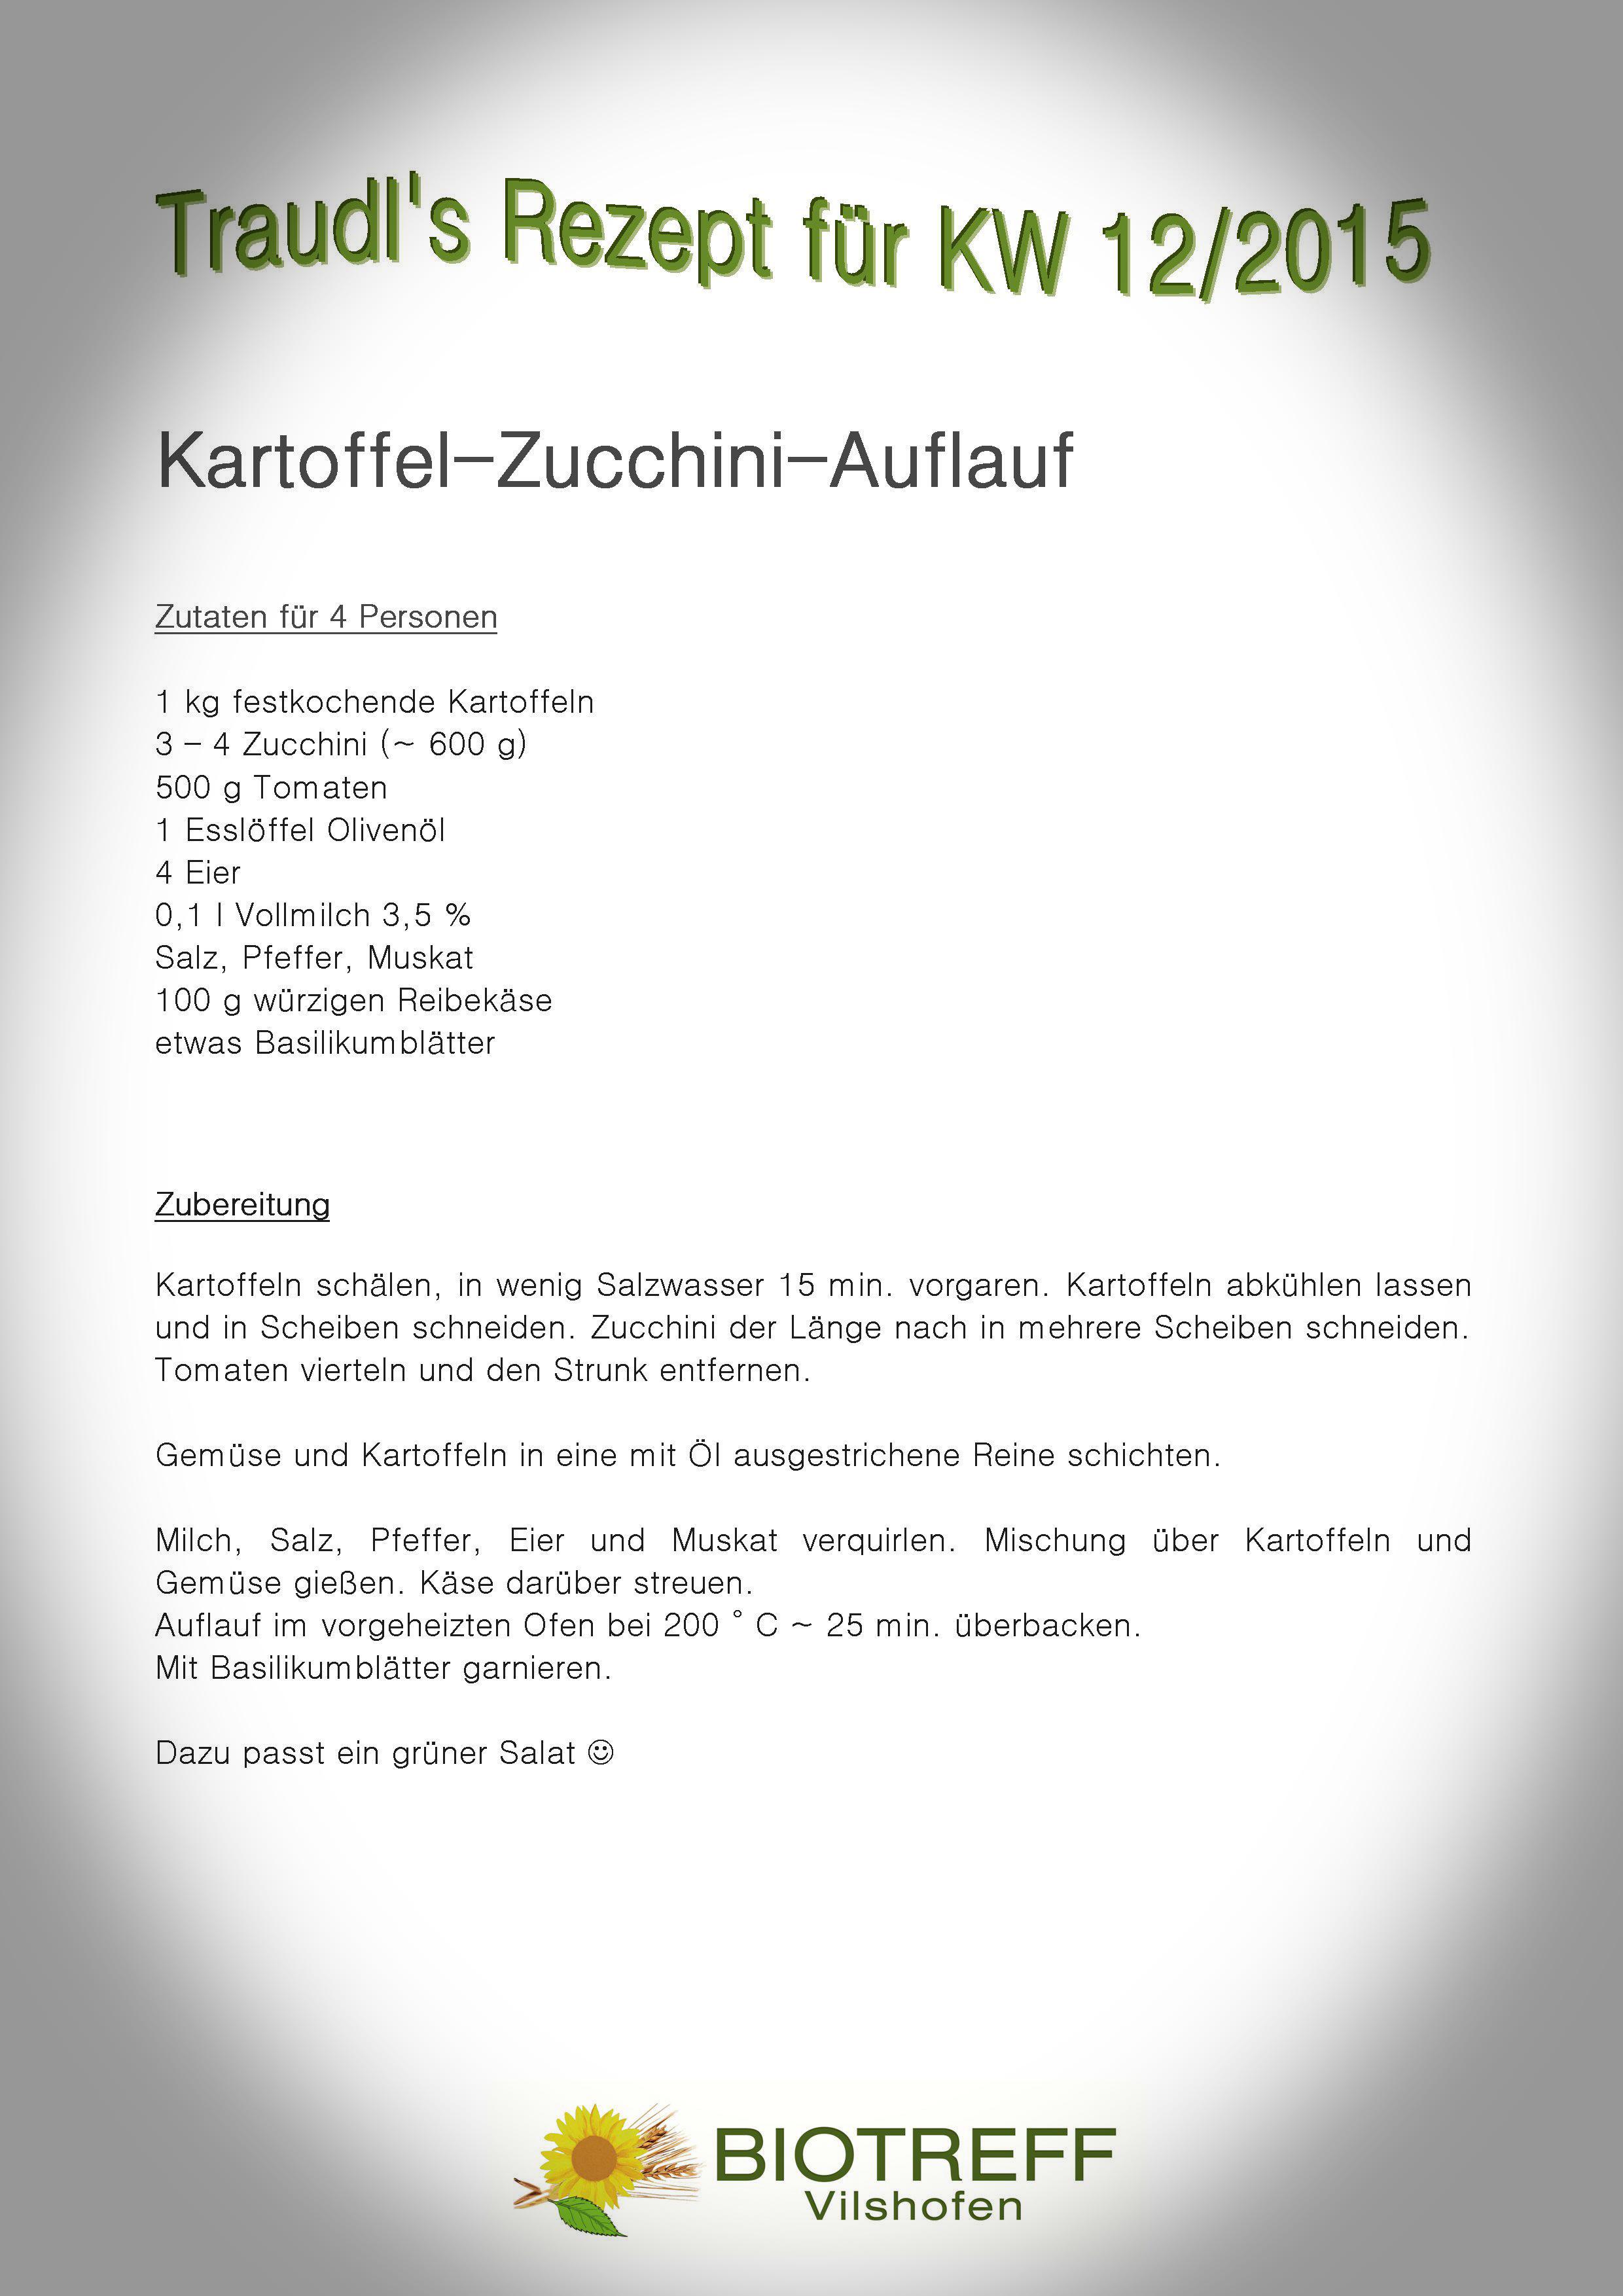 KW 12 Kartoffel-Zucchini-Auflauf